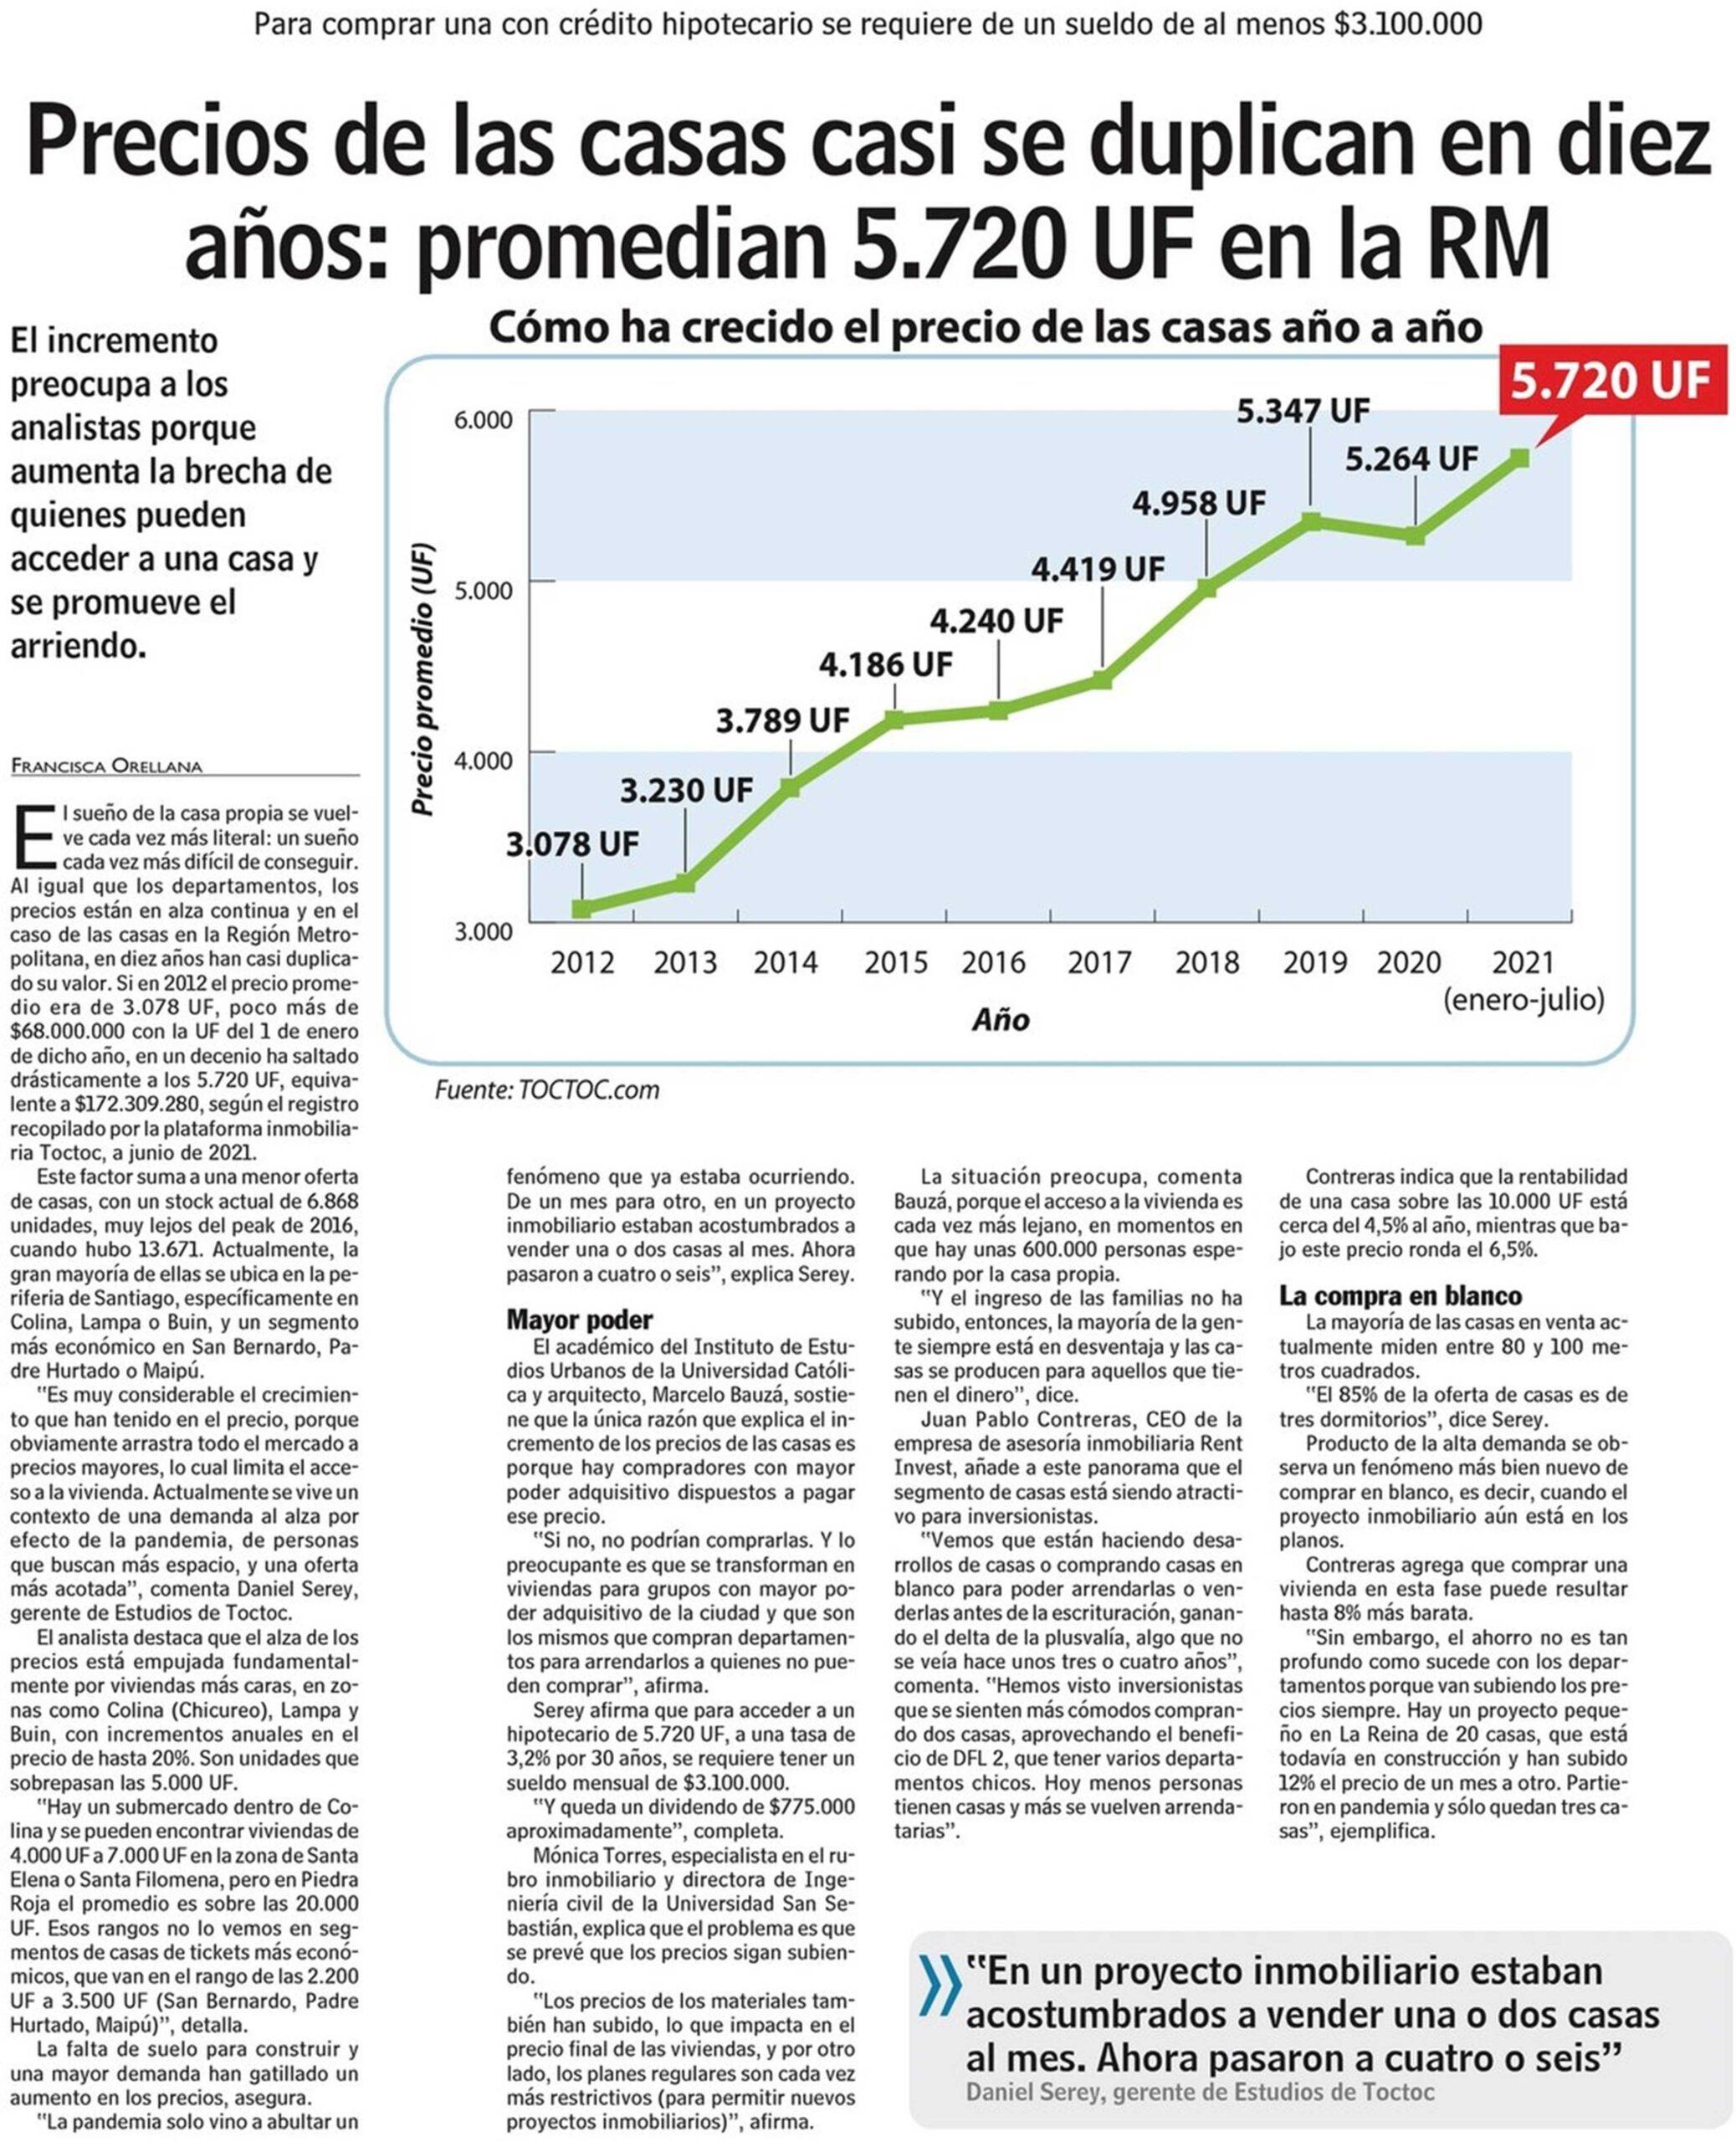 (LUN) Precios de las casas casi se duplican en diez años: promedian 5.720 UF en la RM